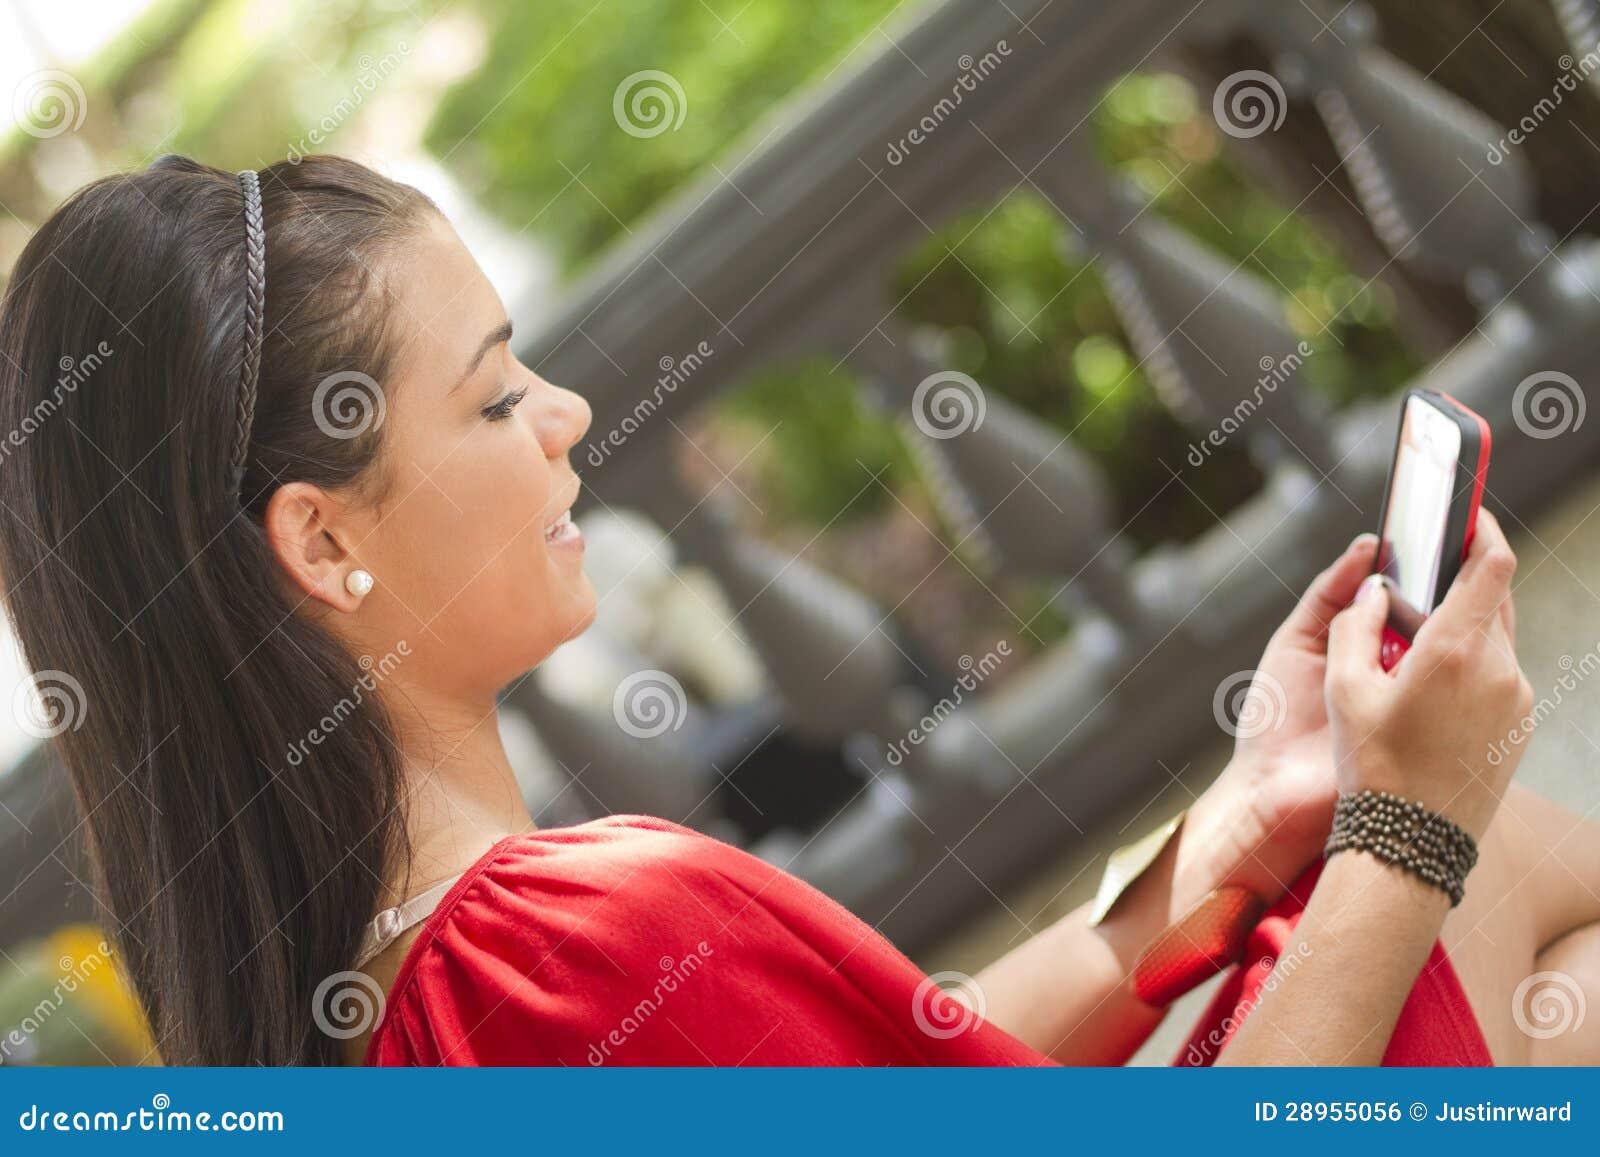 Dziewczyna używa jej telefon komórkowy wiadomość tekstowa